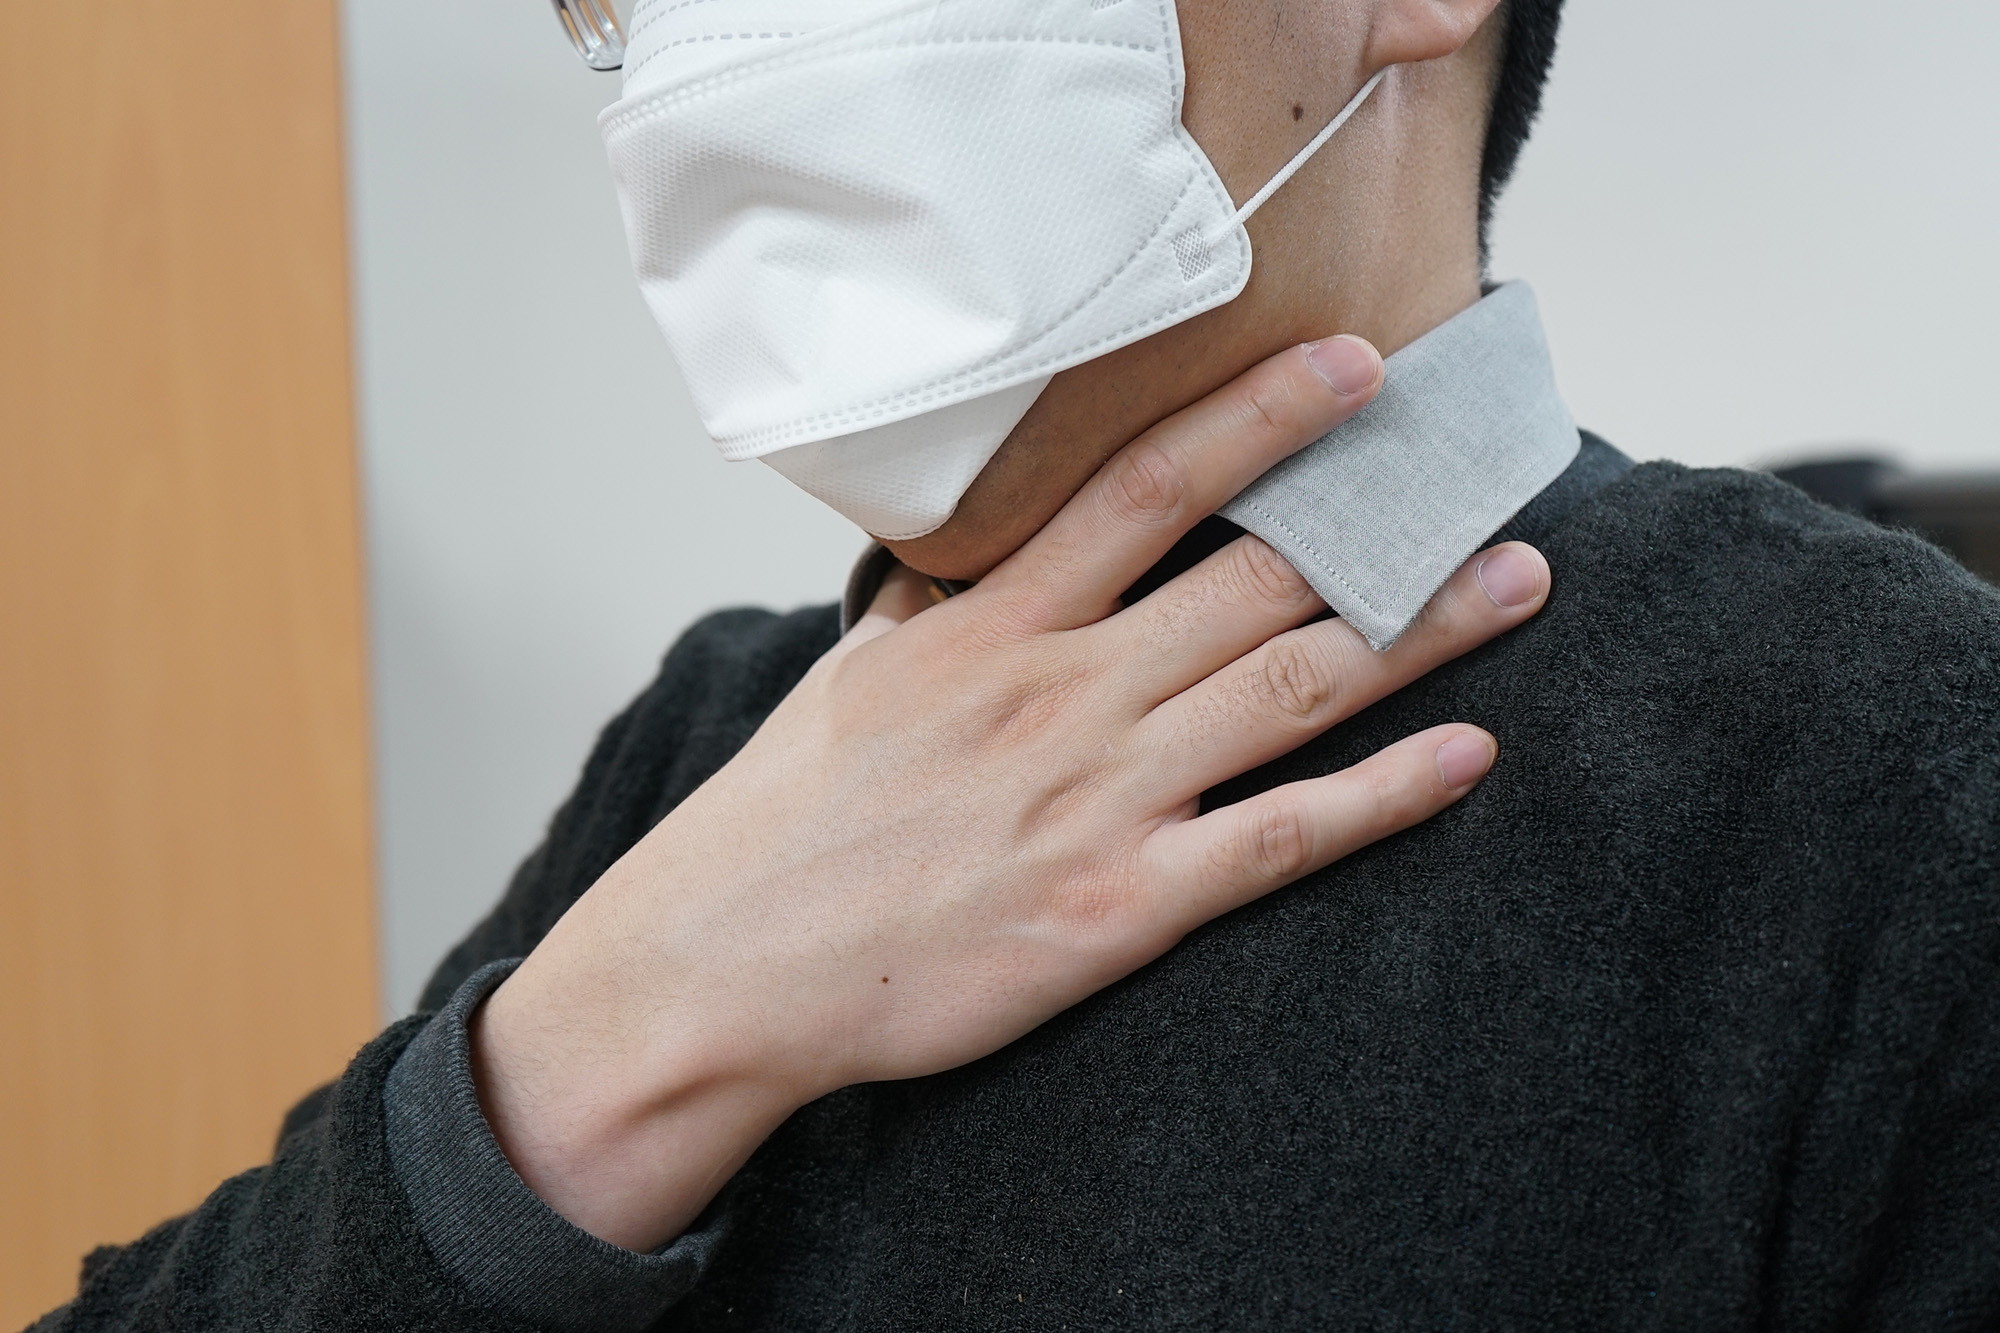 역류성 인후두염에 걸리면 목 이물감이나 쉰 목소리 등의 증상이 나타난다. [사진 고대안산병원]